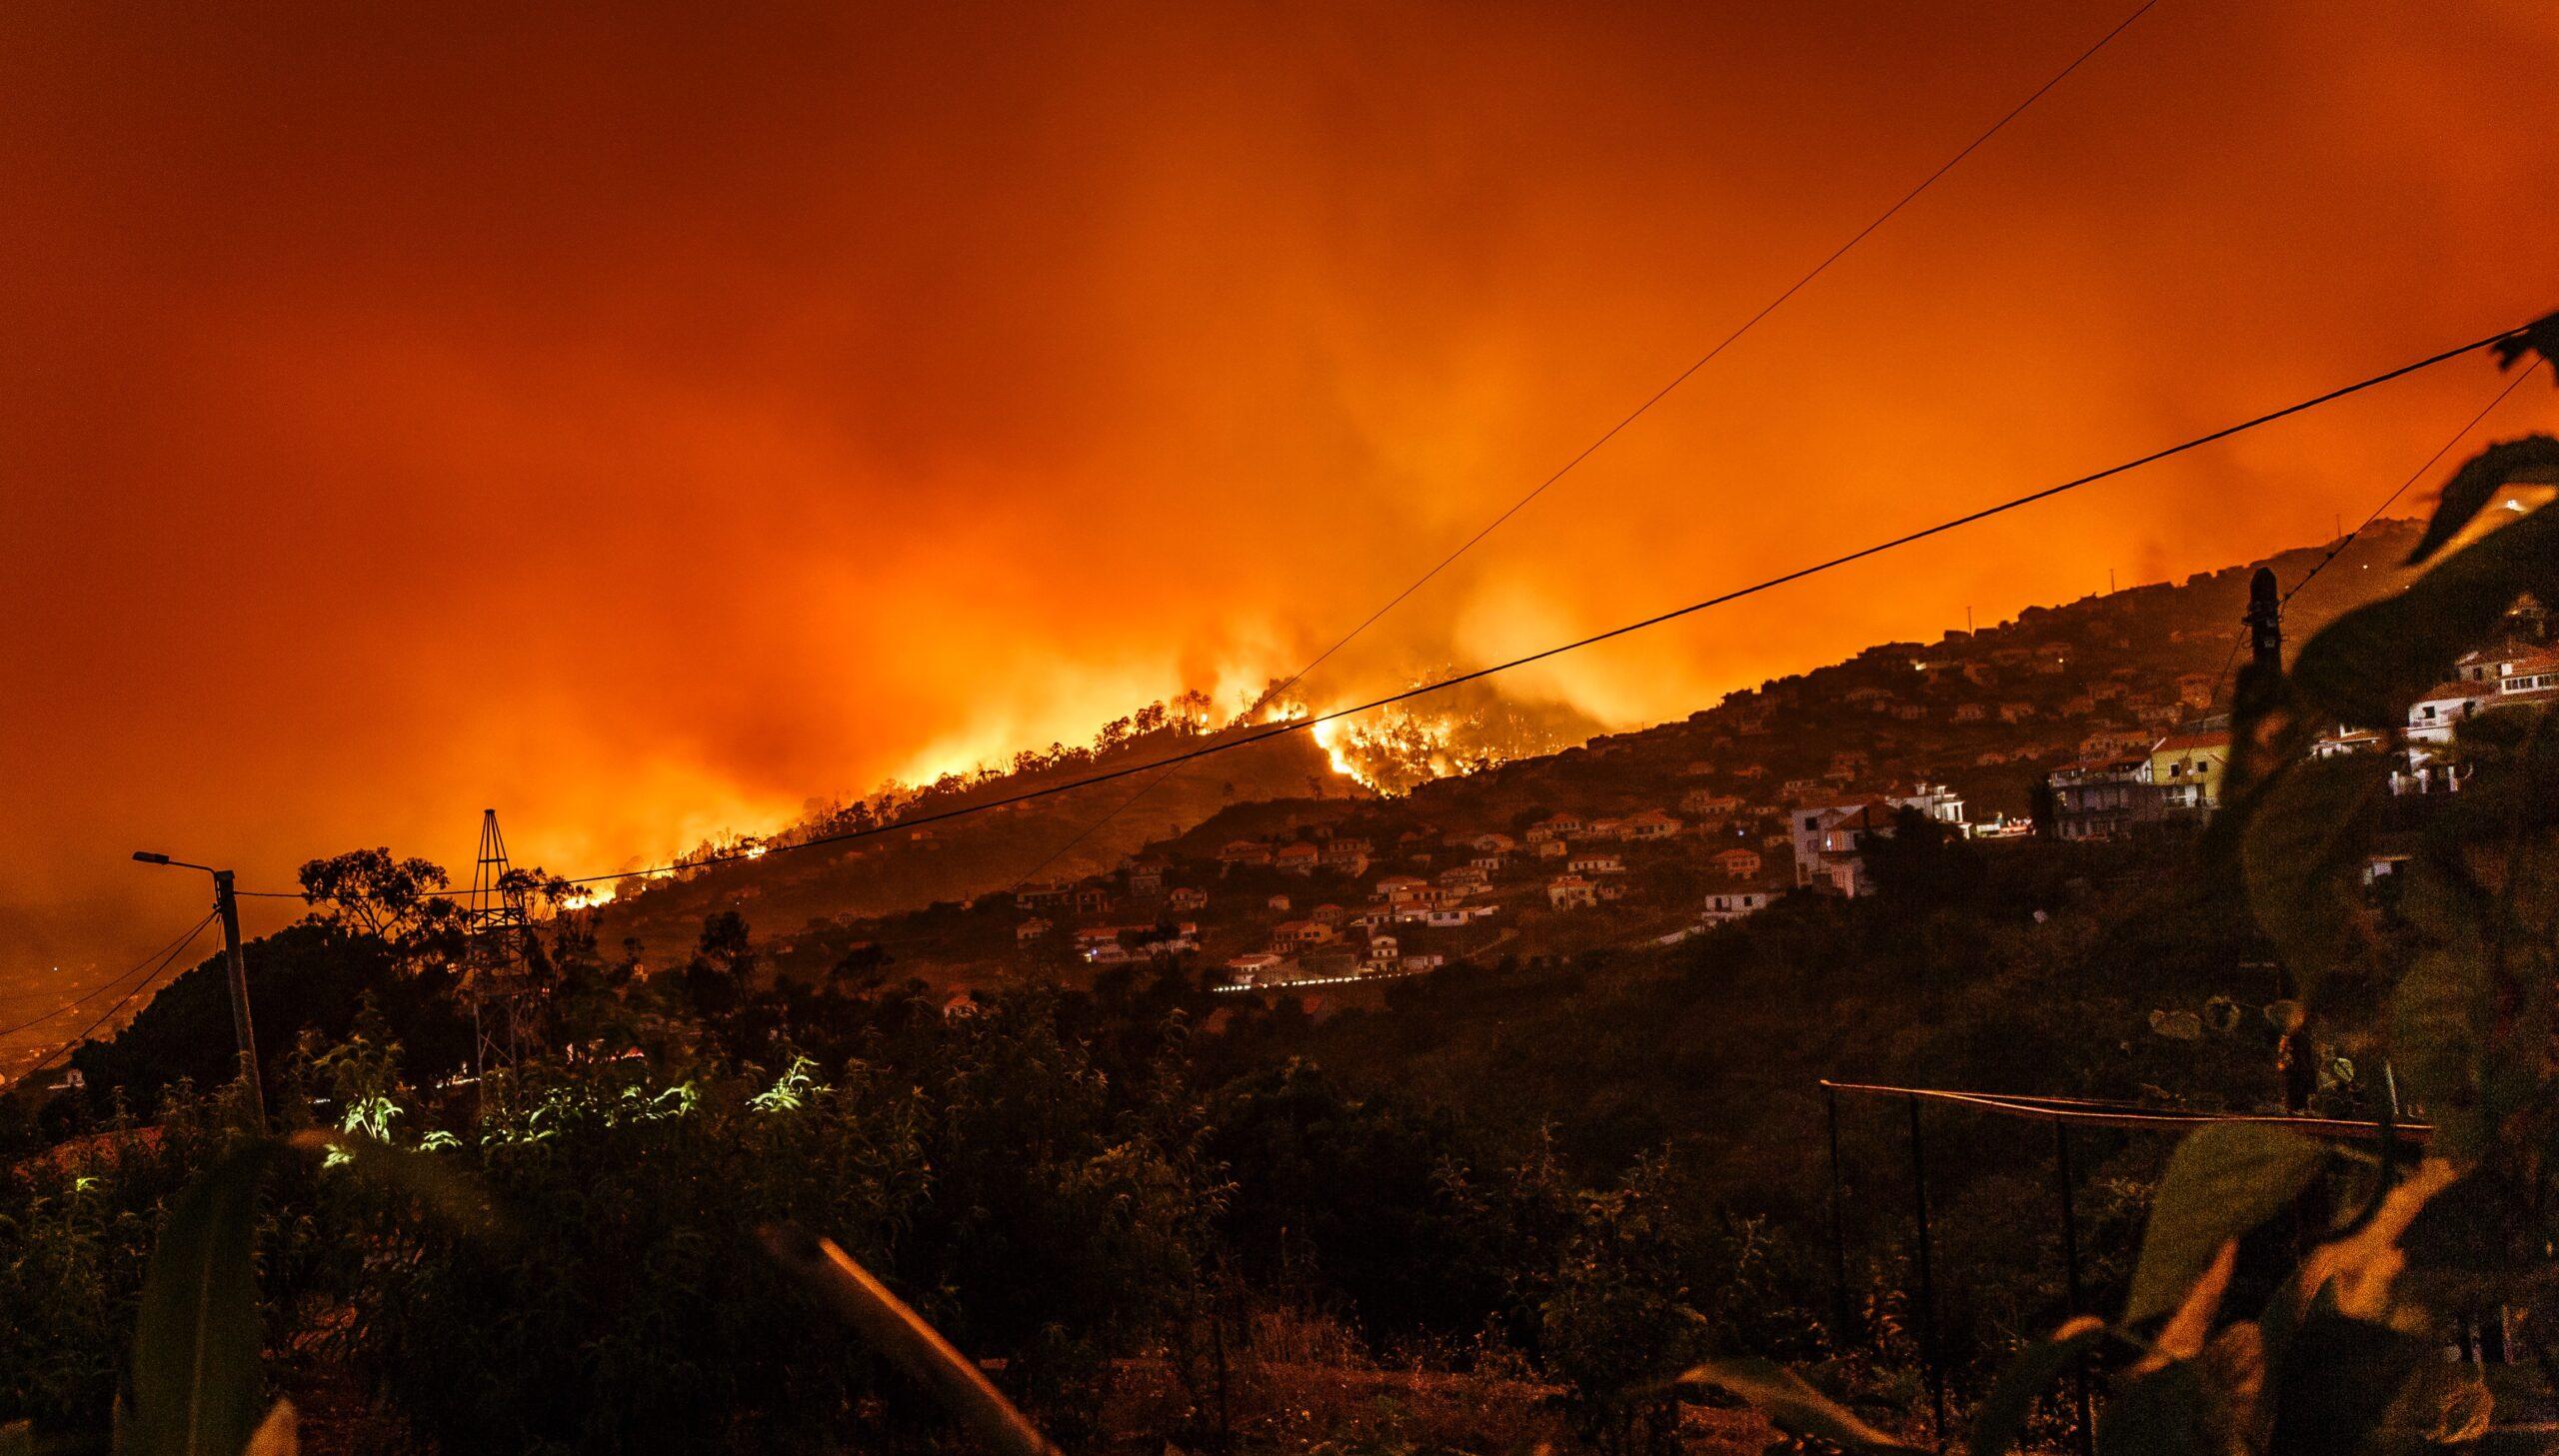 Wildfire Preparedness & Defensible Space